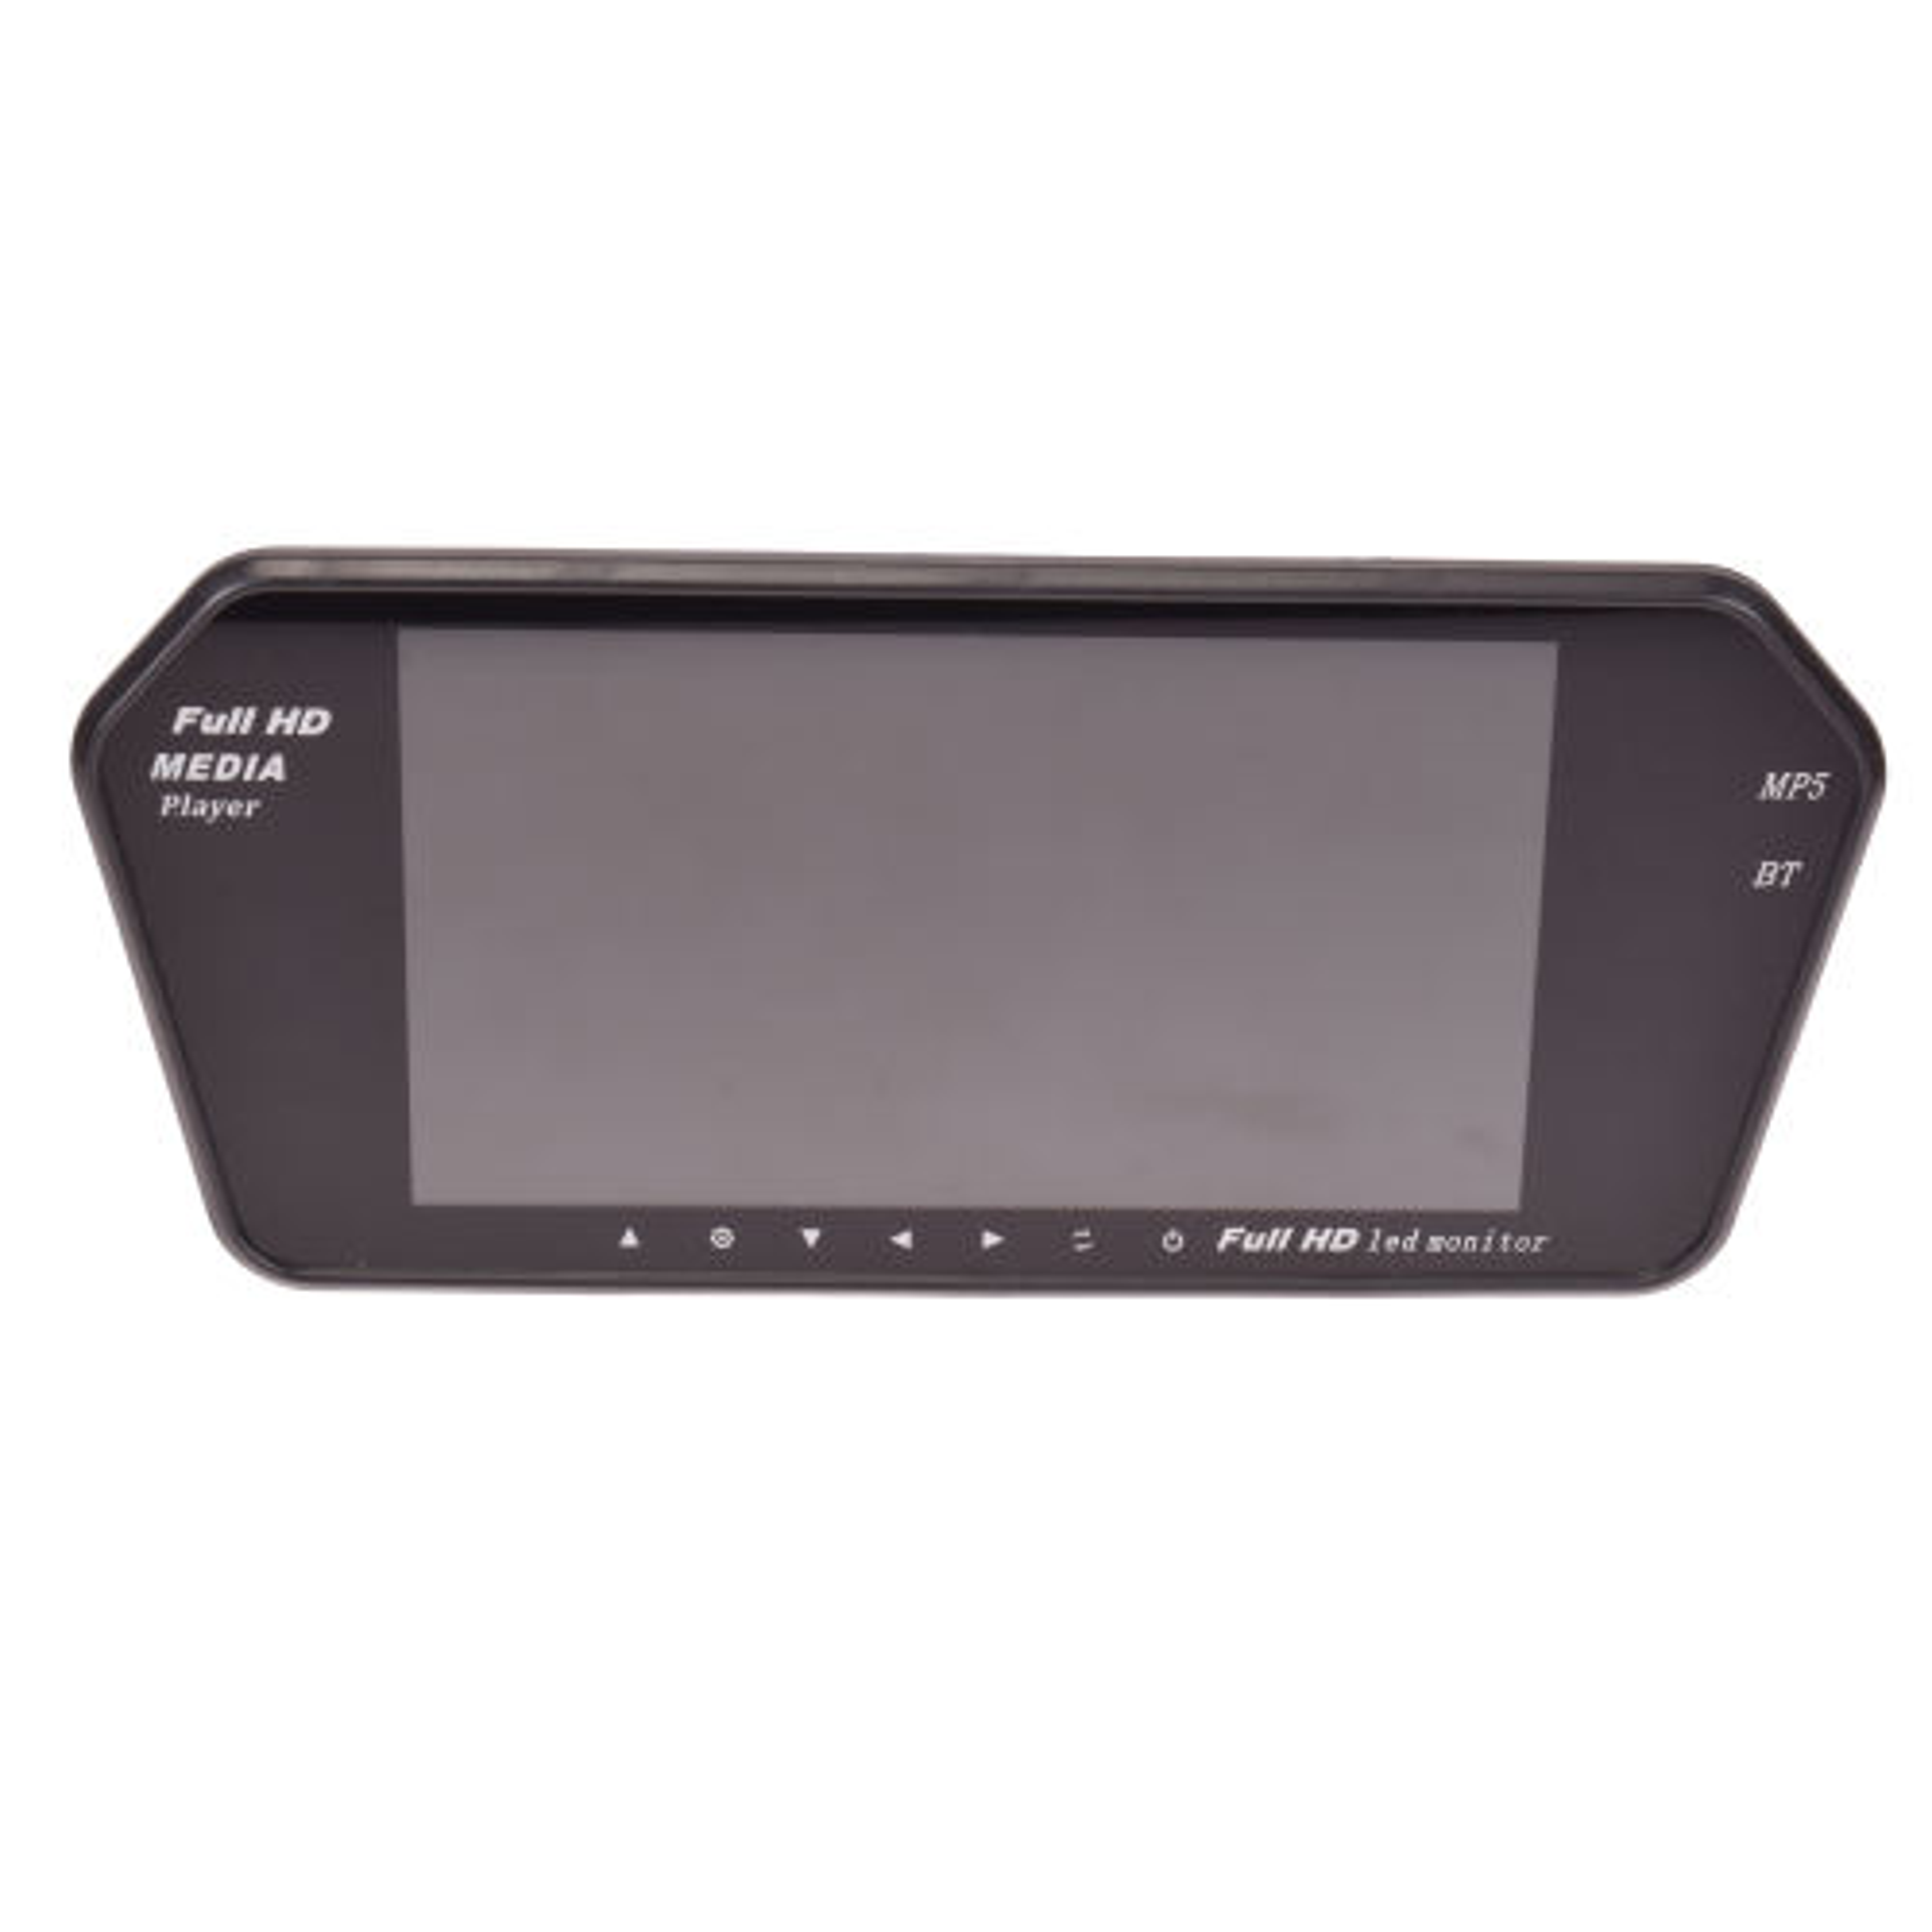 آینه مانیتور دار خودرو مدل FHD-7